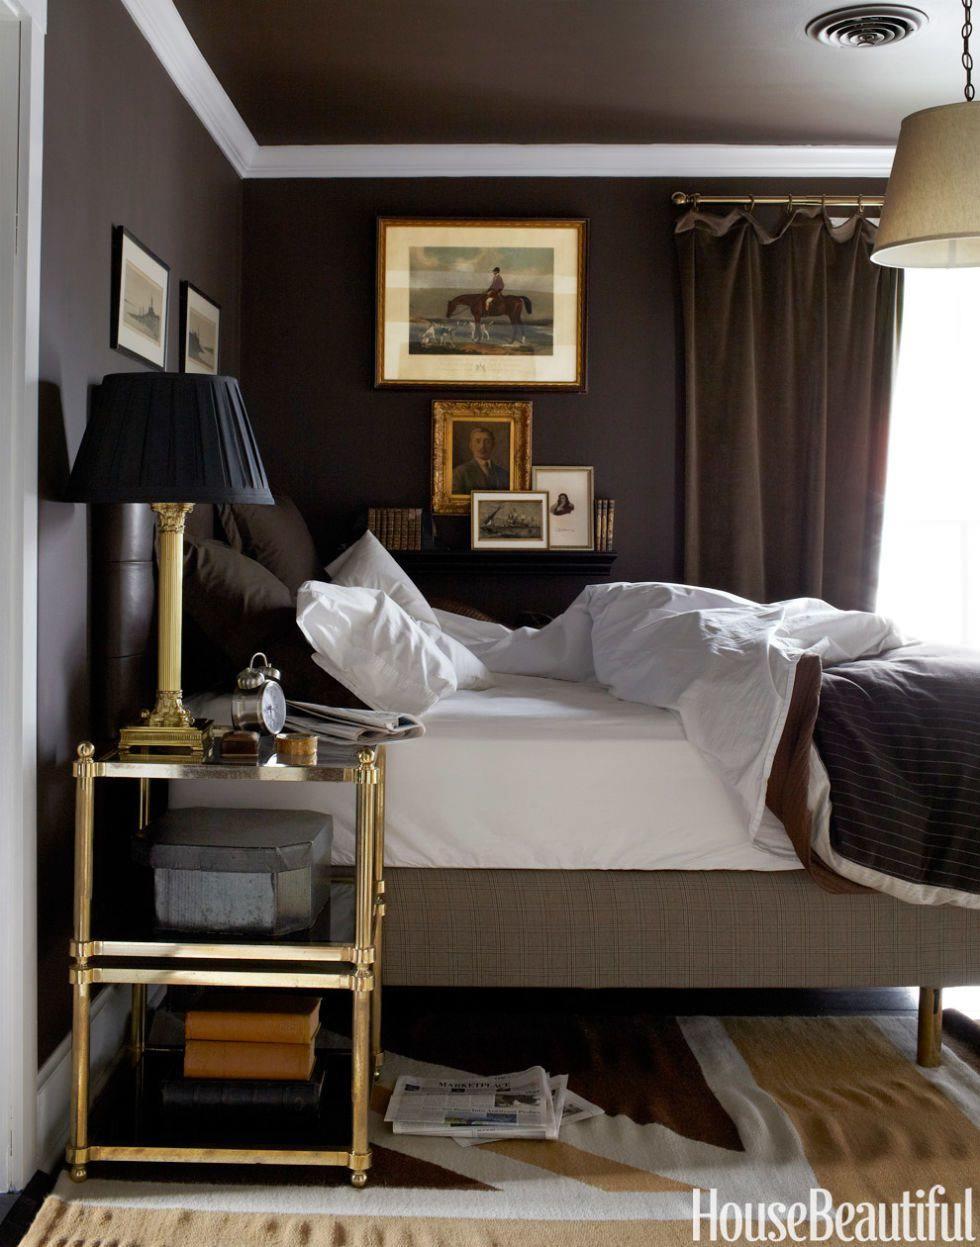 Image from houseandgarden